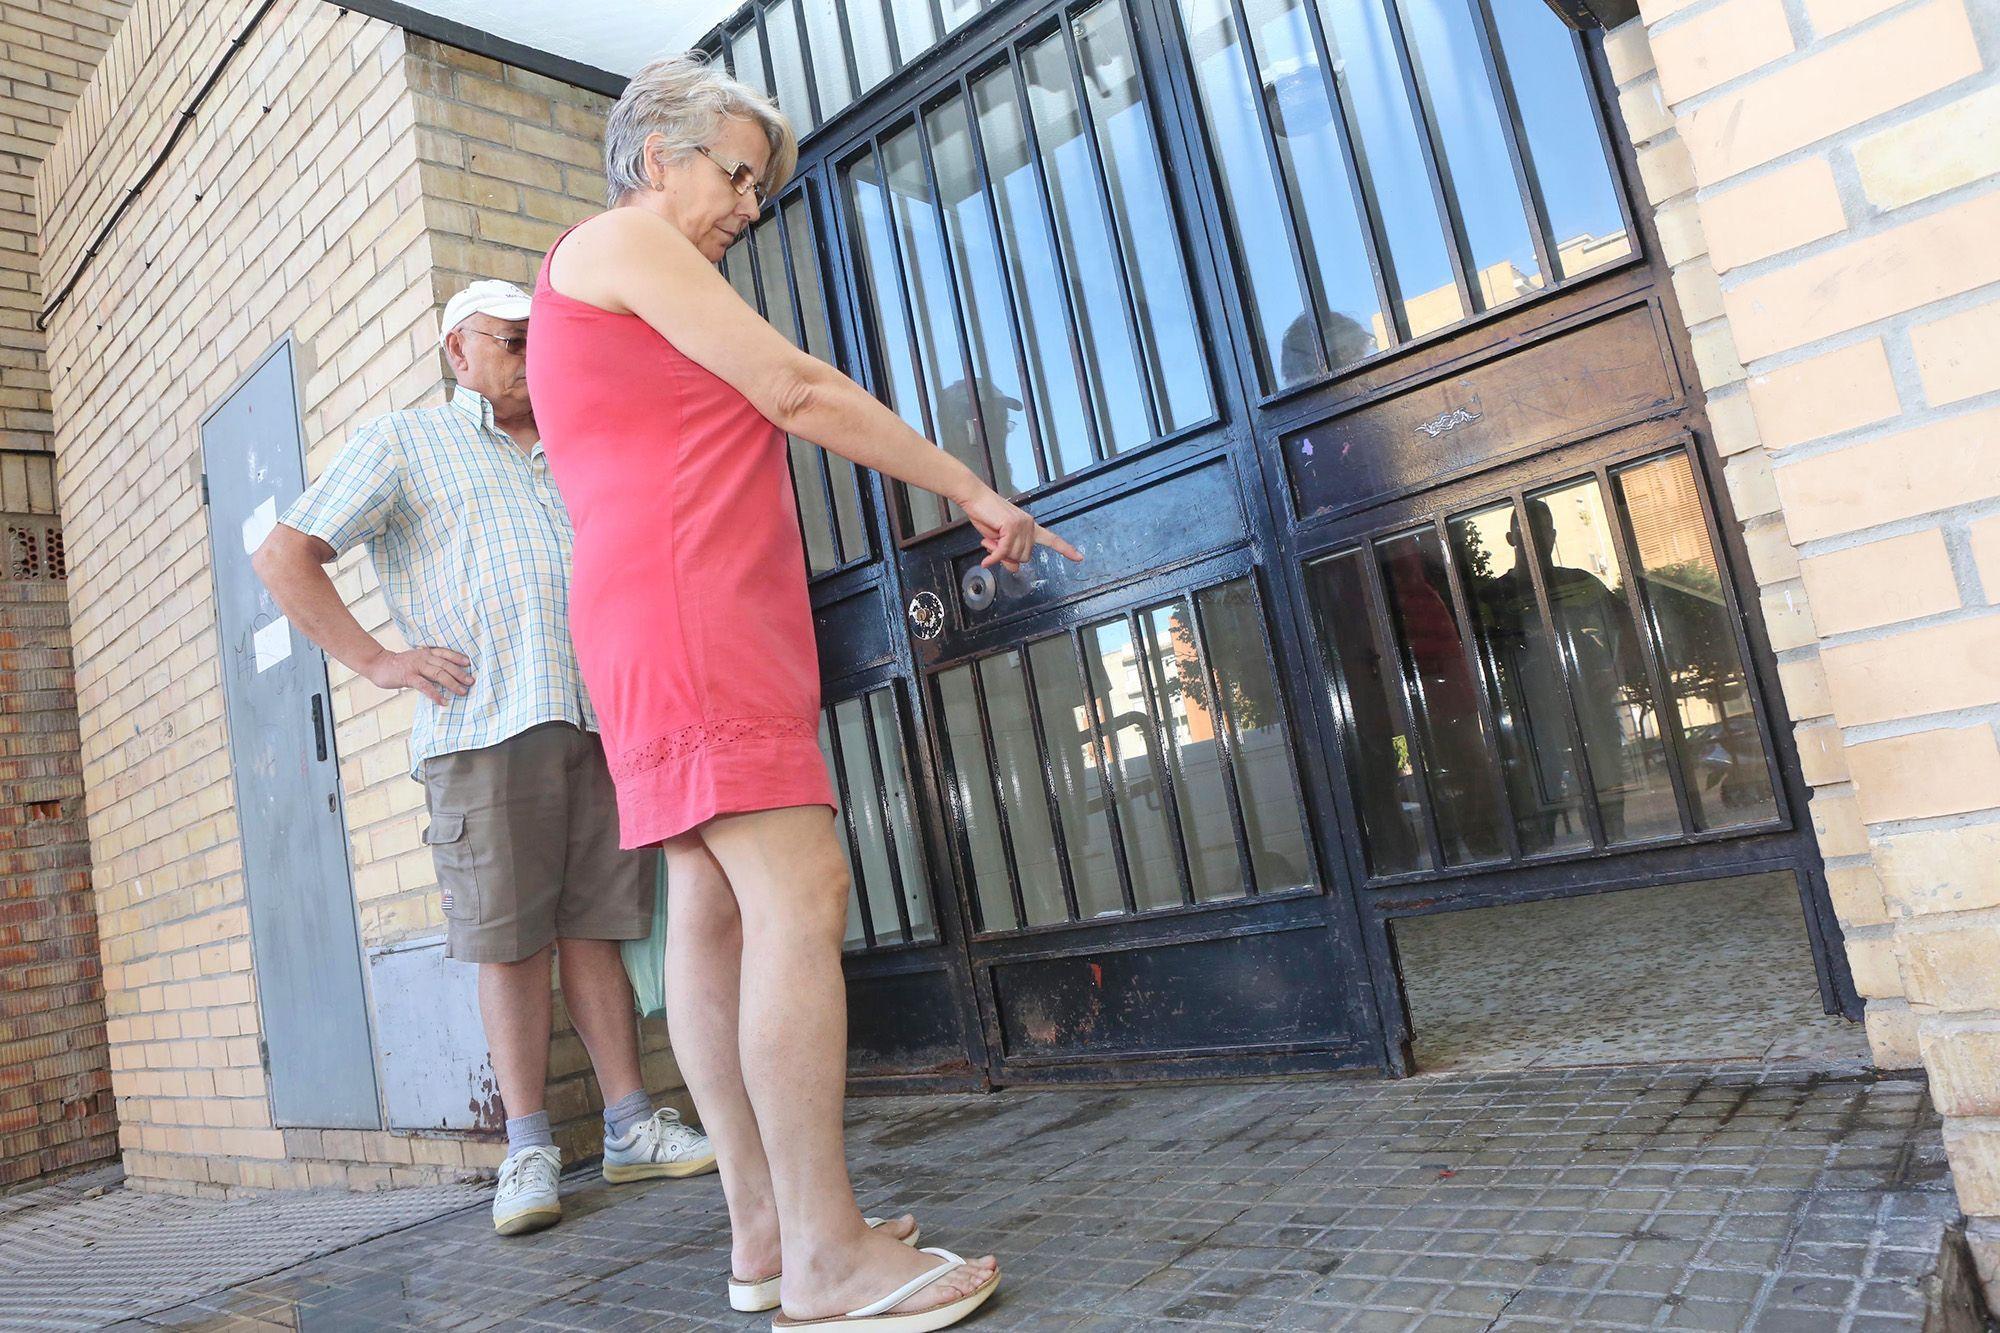 junta-andalucia-mantiene-edificio-con-ascensor-estropeado-2